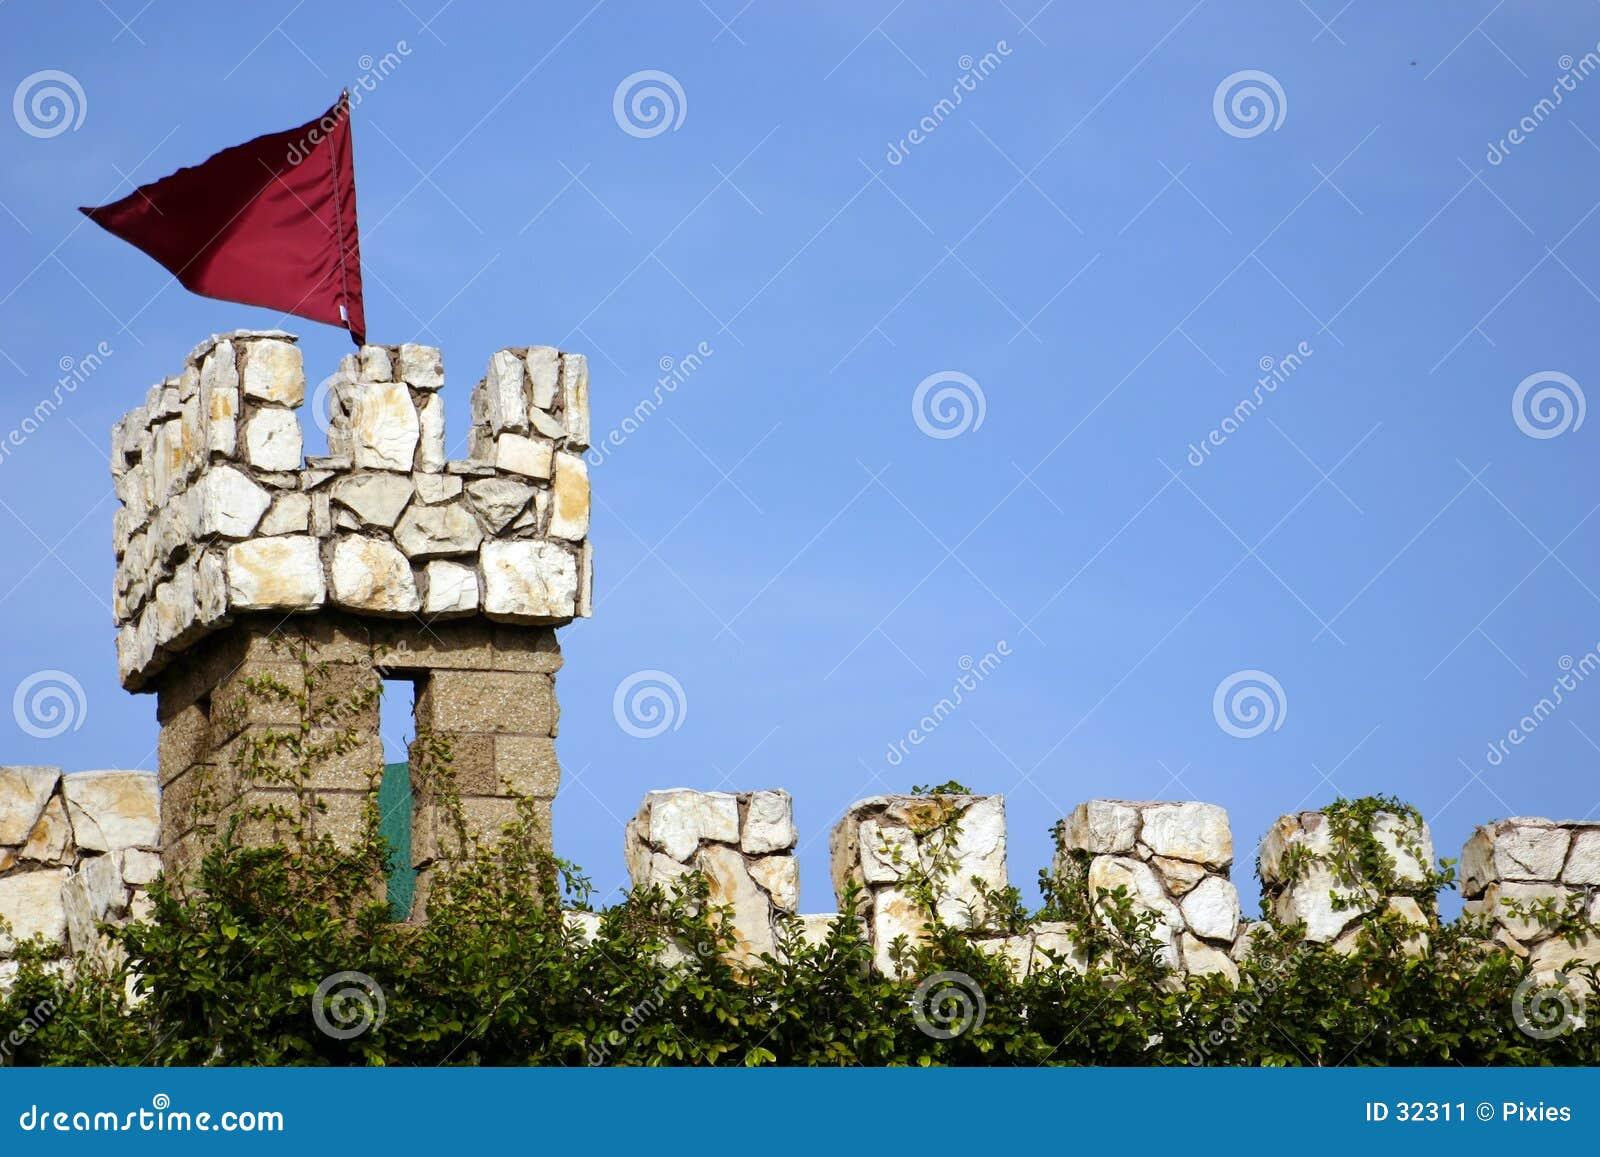 Torre do relógio do castelo